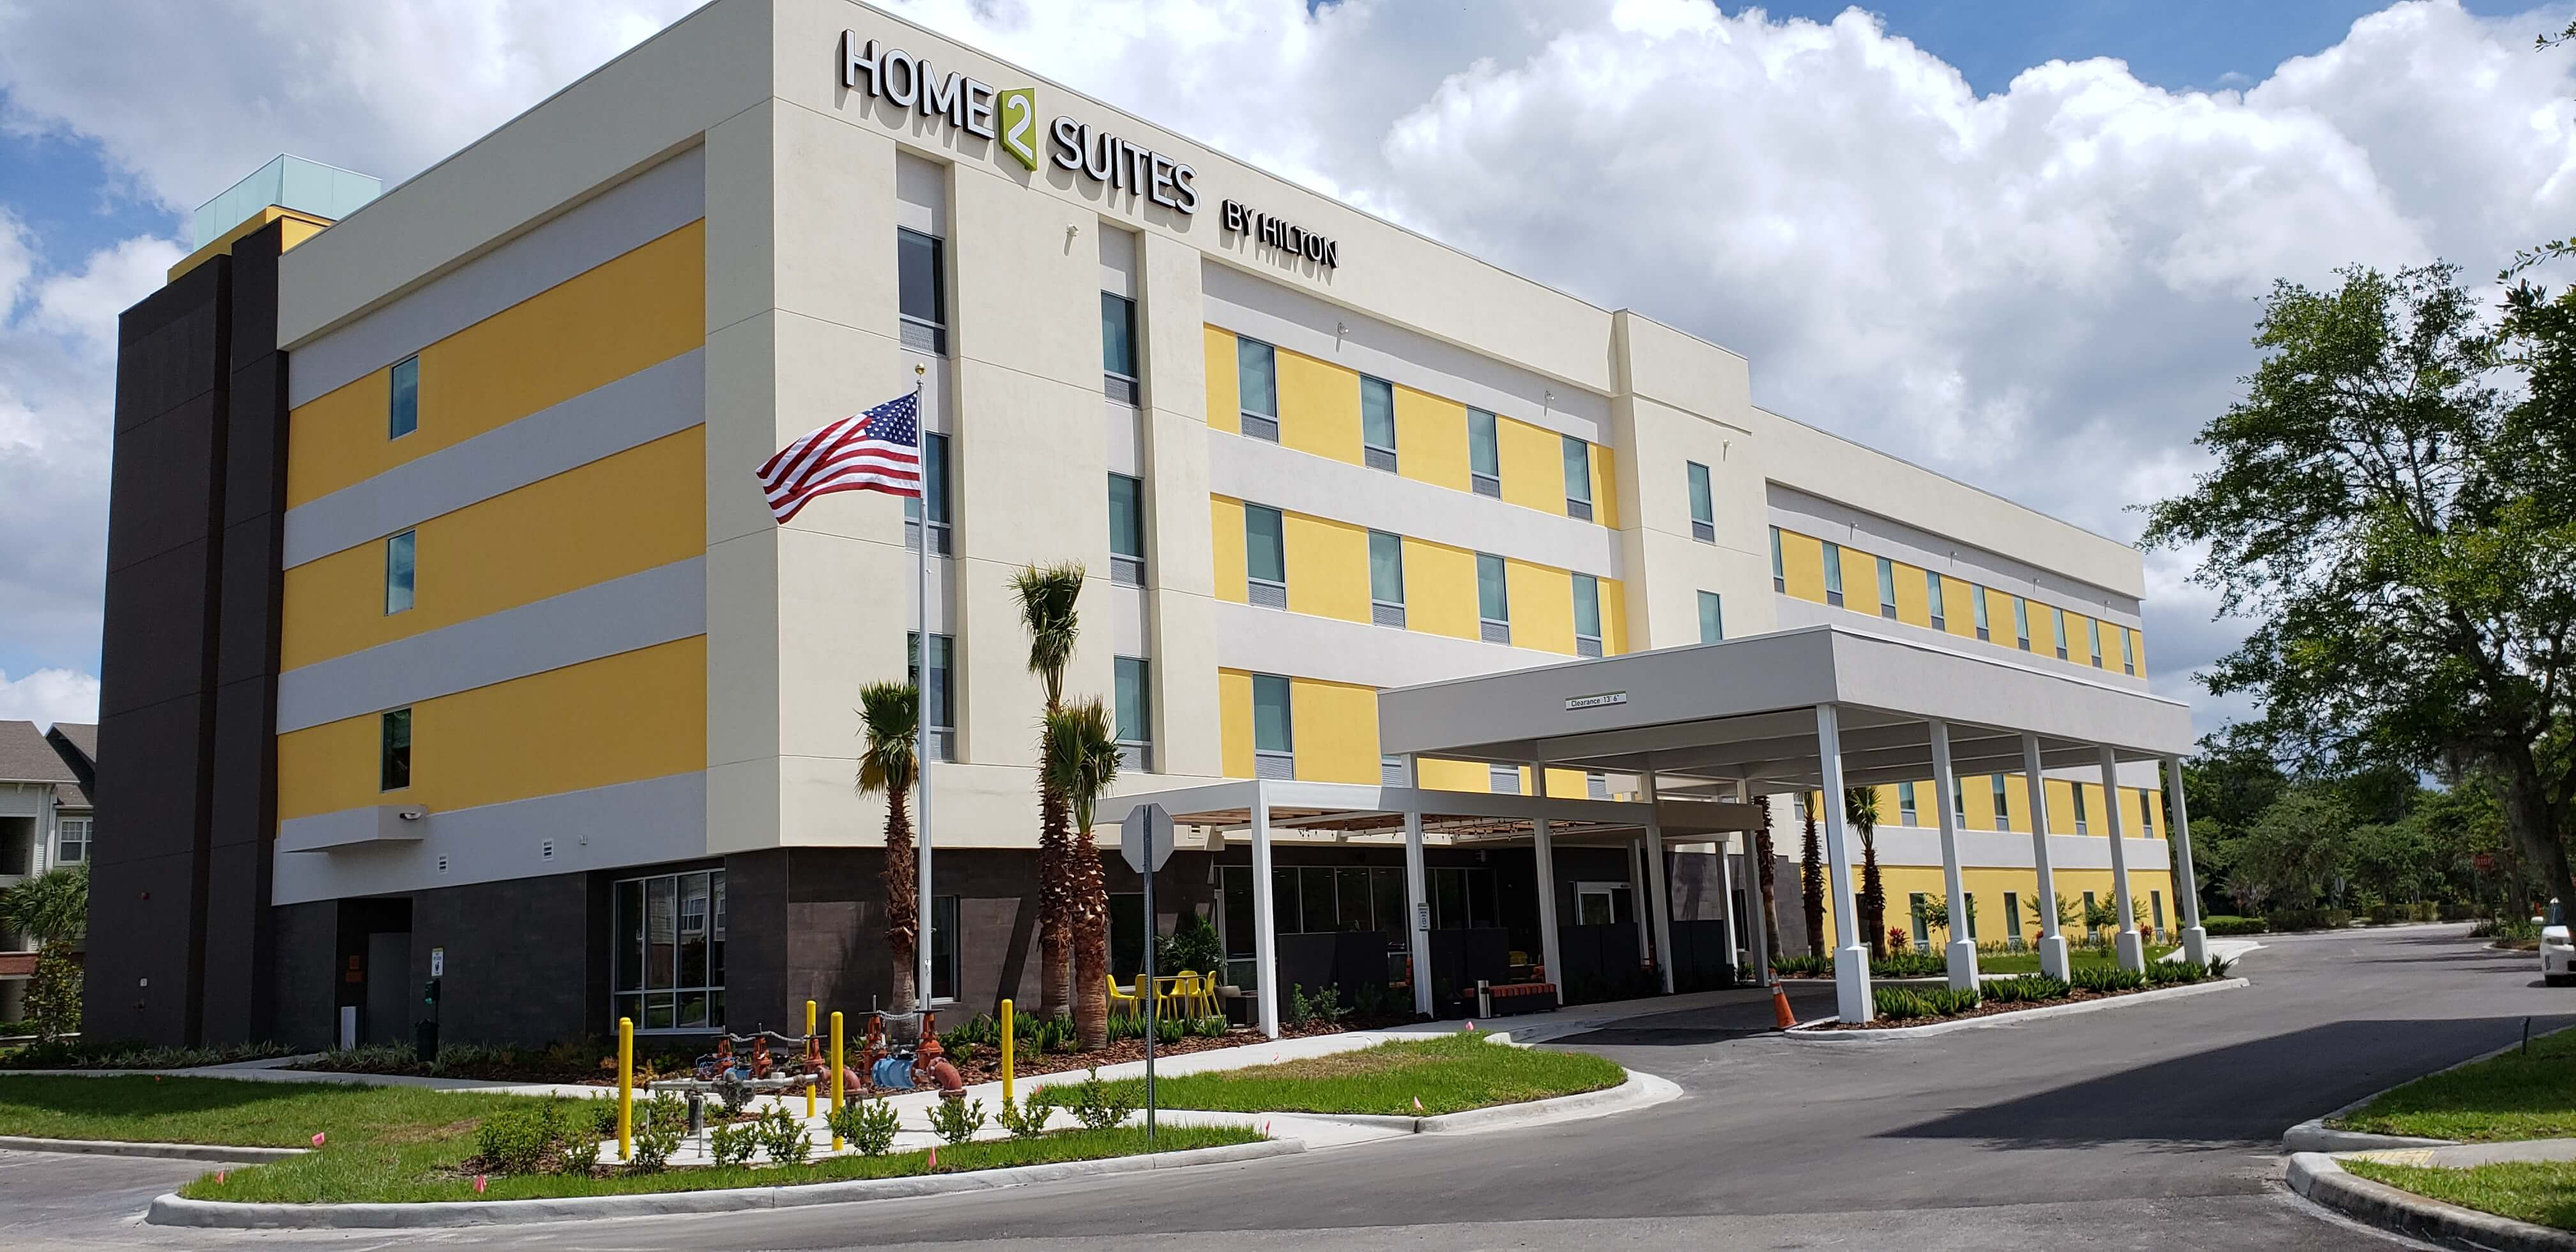 Home2 Suites by Hilton Lakeland, FL